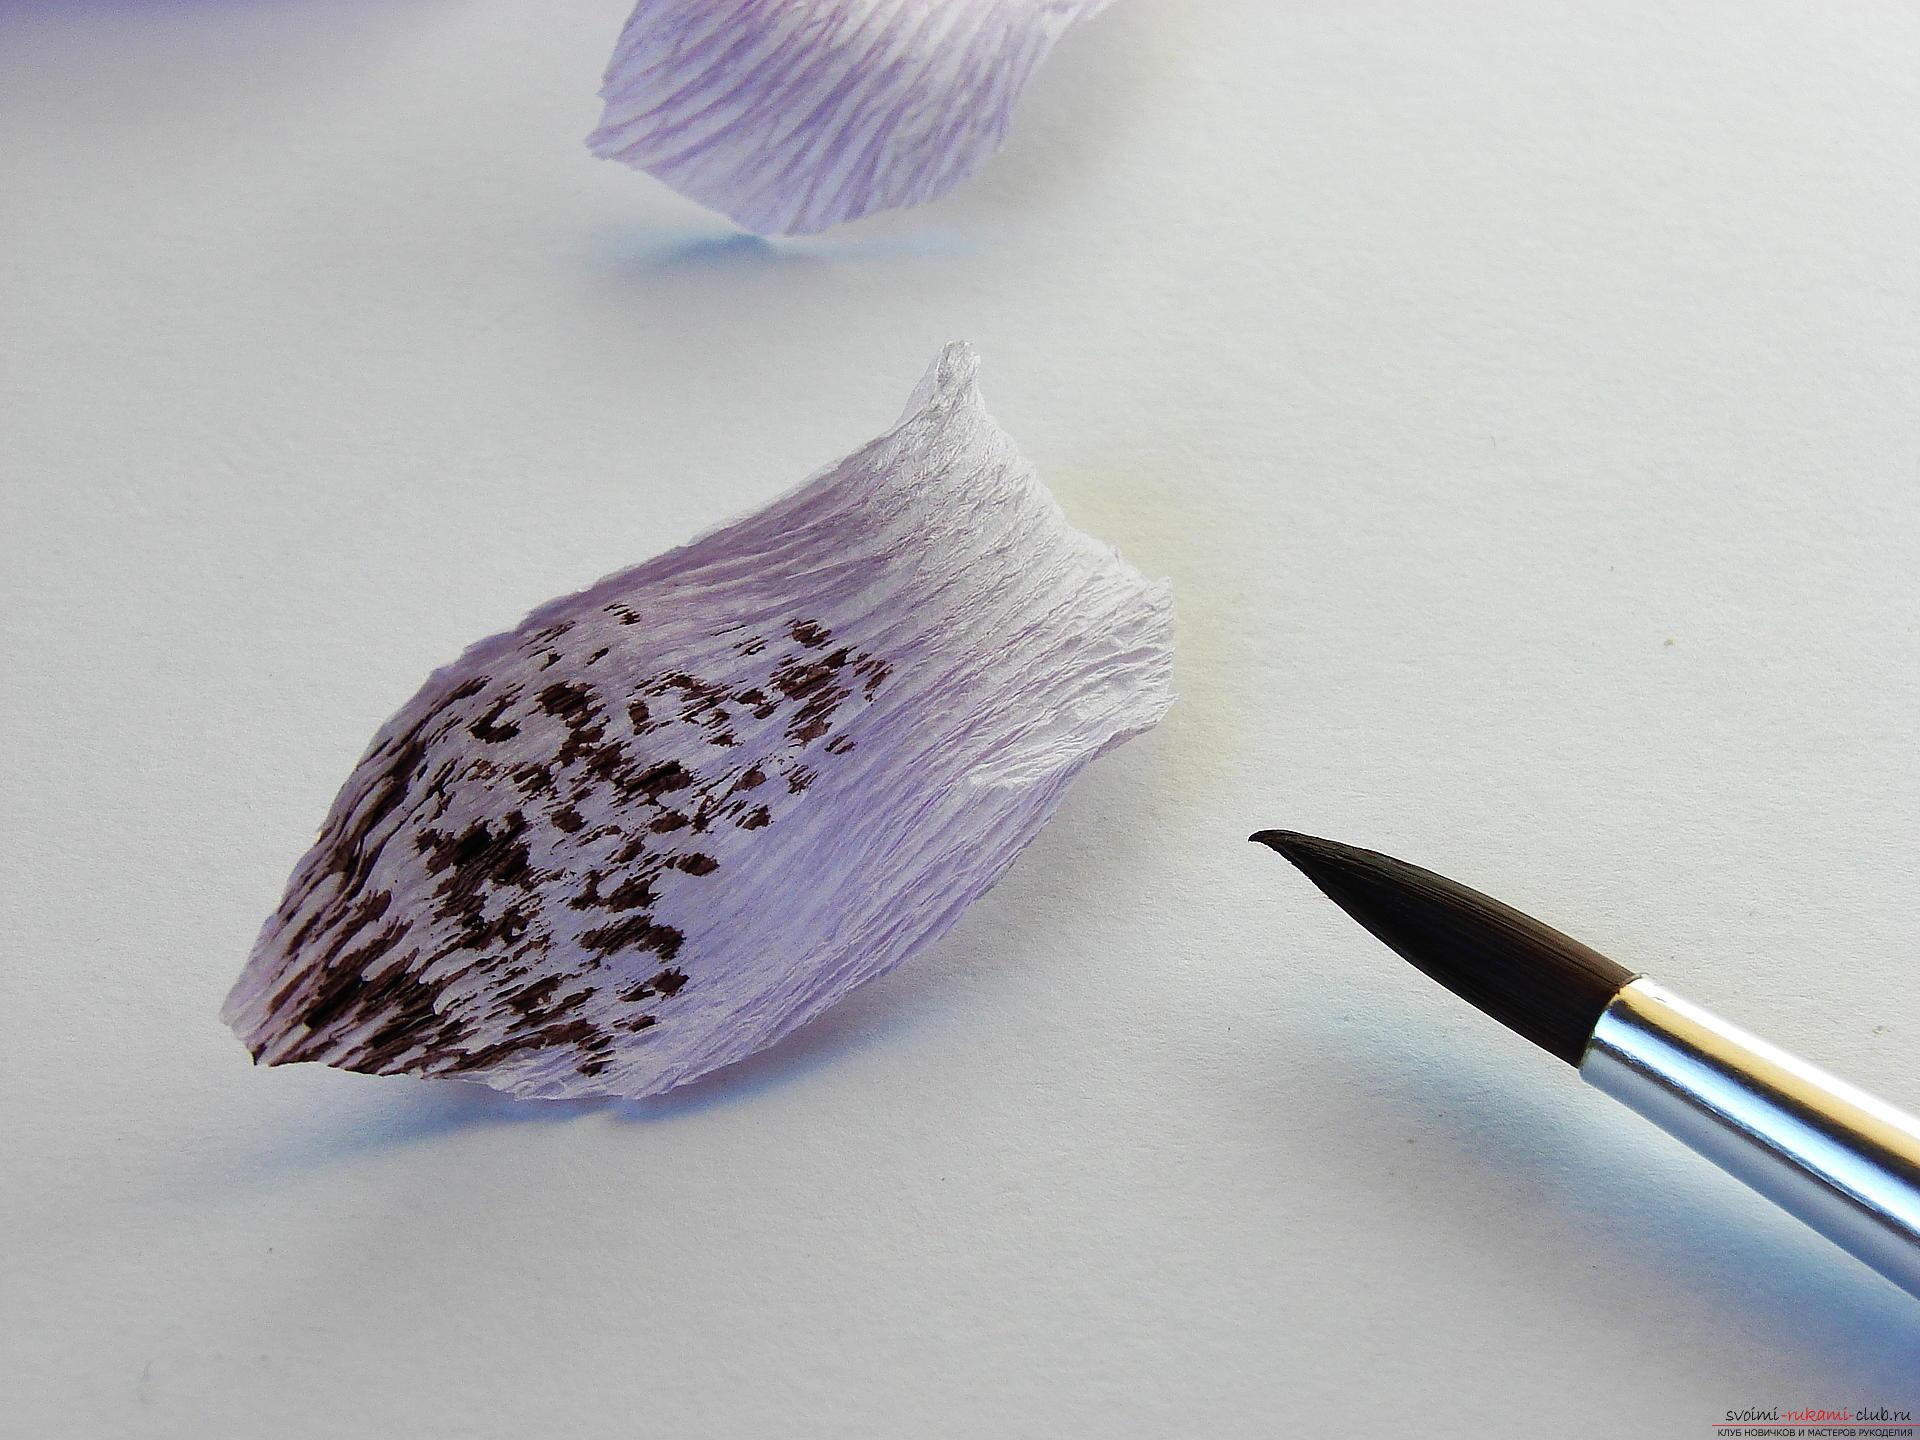 Мастер-класс научит как сделать гофрированные цветы своими руками – лилии из гофрированной бумаги.. Фото №11